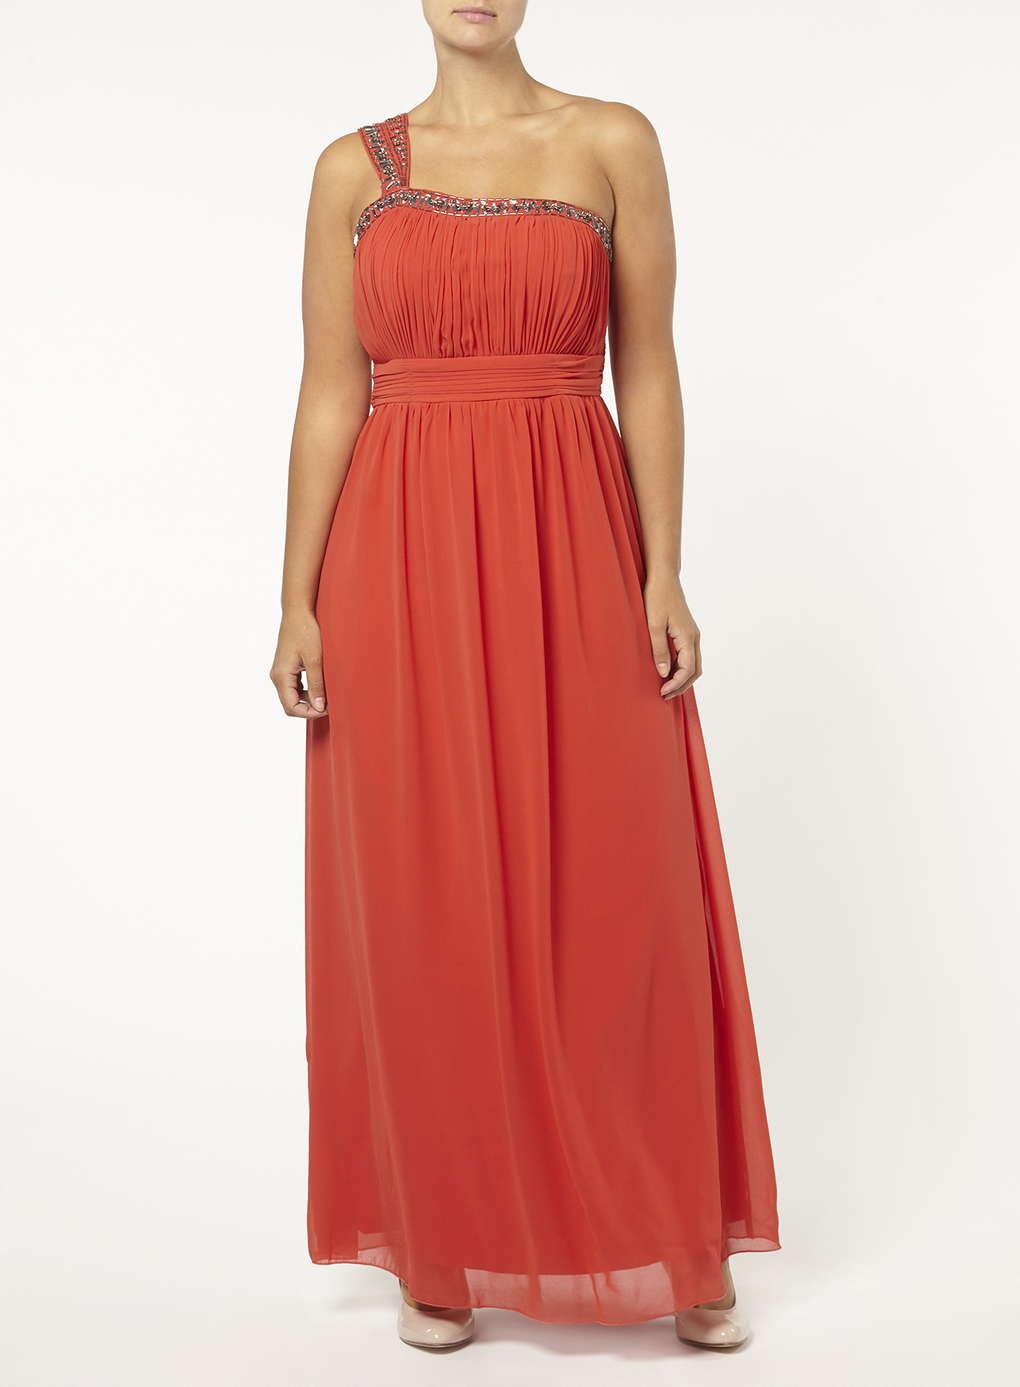 Büyük Beden Uzun Abiye Elbise Modelleri - Gece Elbiseleri - plus size dresses (17)